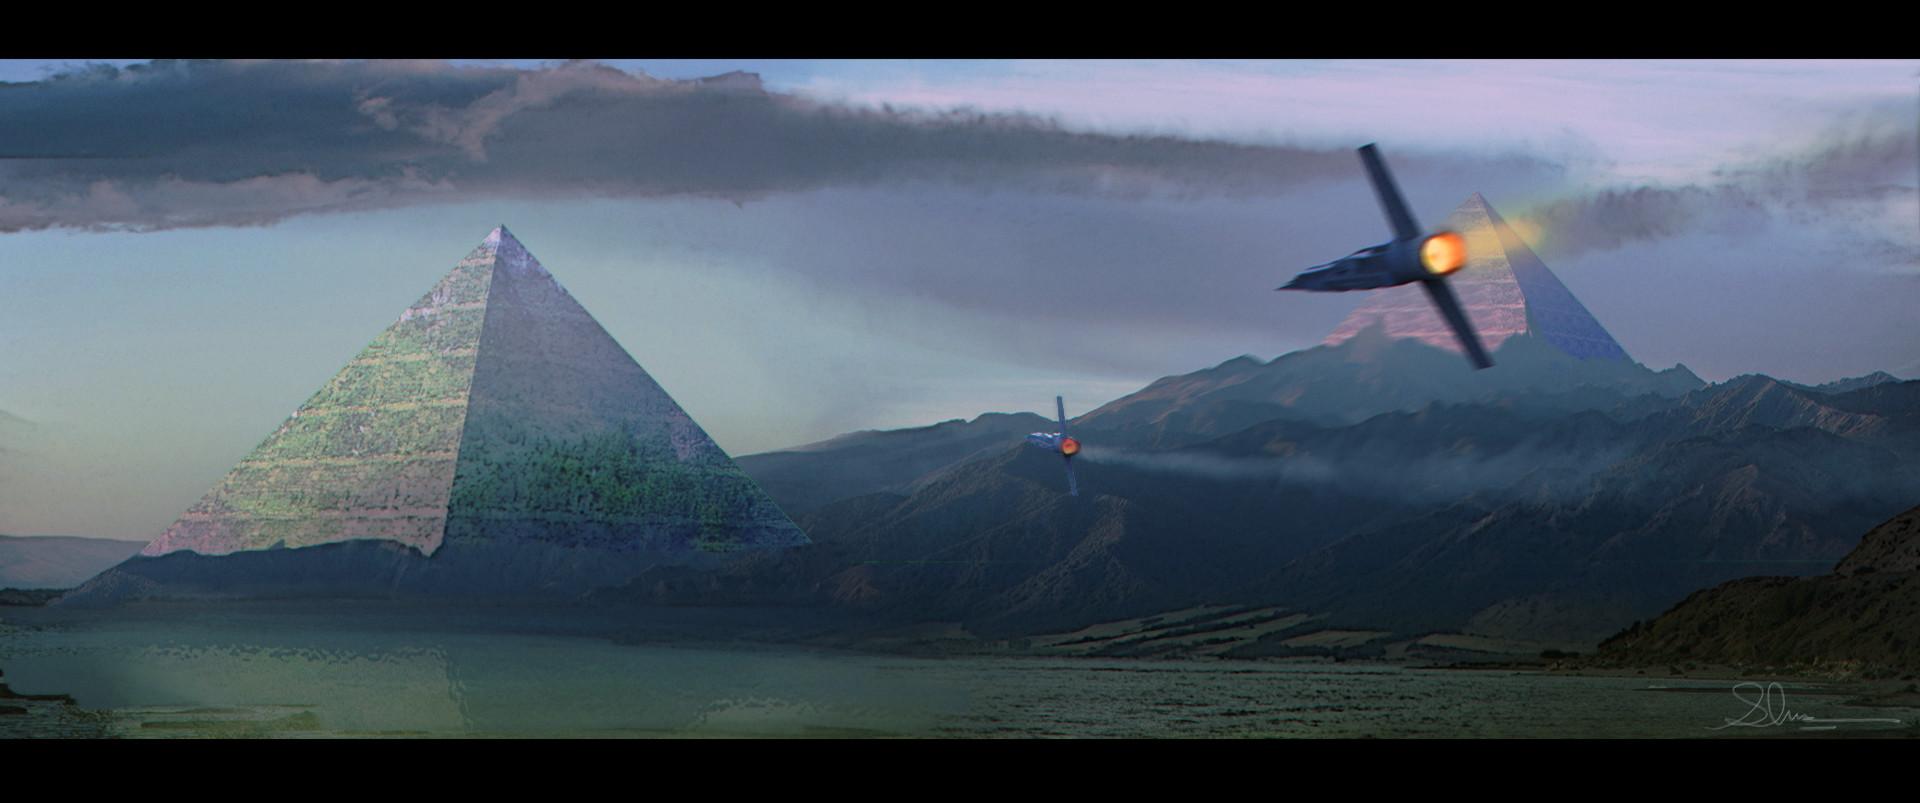 Shwetank shukla pyramid scene